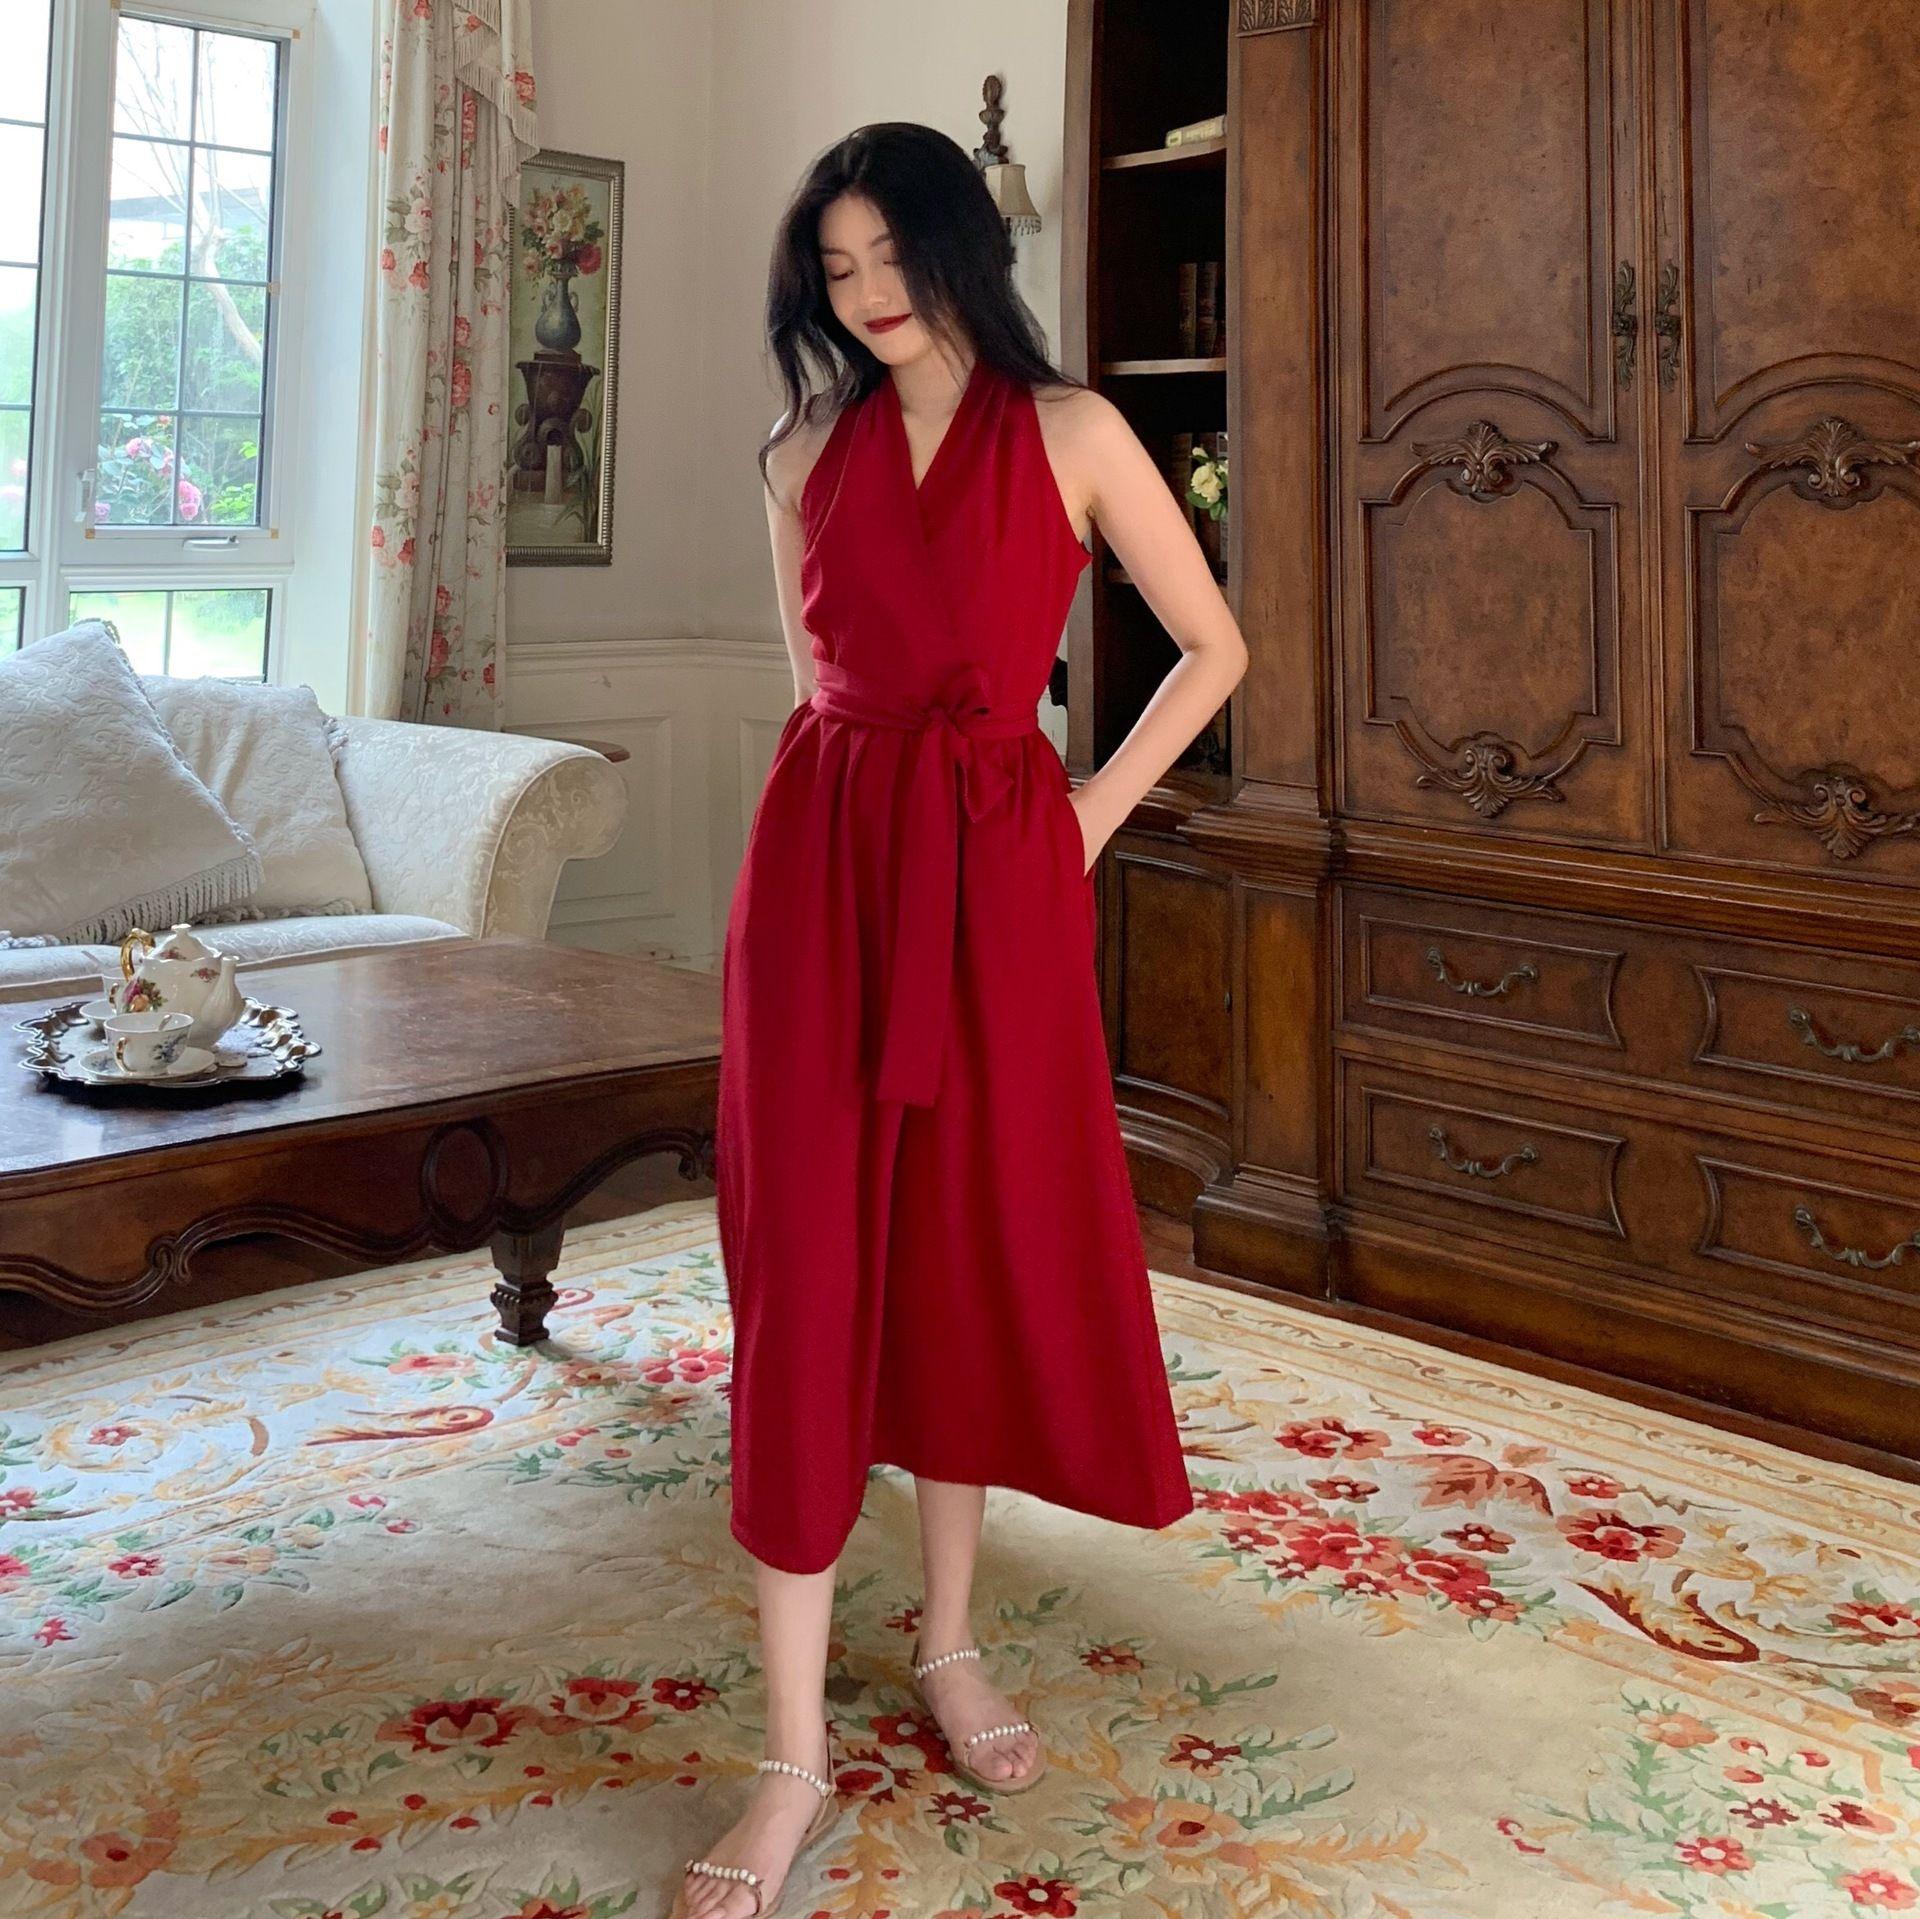 WoruU 8bsfW Französisch-Stil Sommer Taille schlank Hepburn erste Liebe Kleid Super-Fee-Design-Stil Kleid elegant und reifen Formal